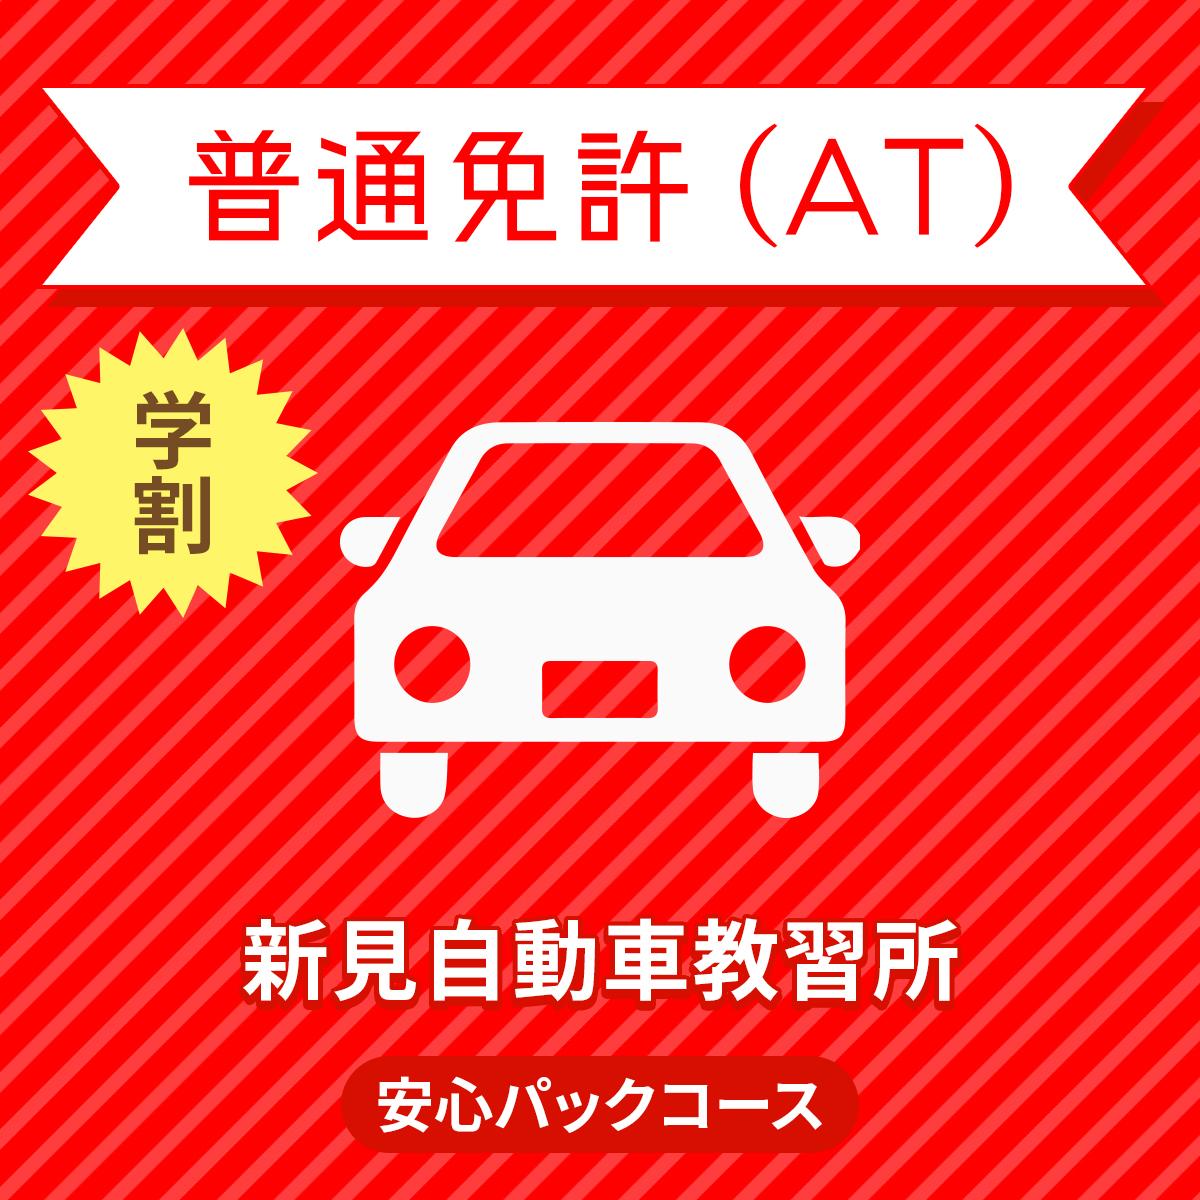 【岡山県新見市】普通車AT安心パックコース(学生料金)<免許なし/原付免許所持対象>